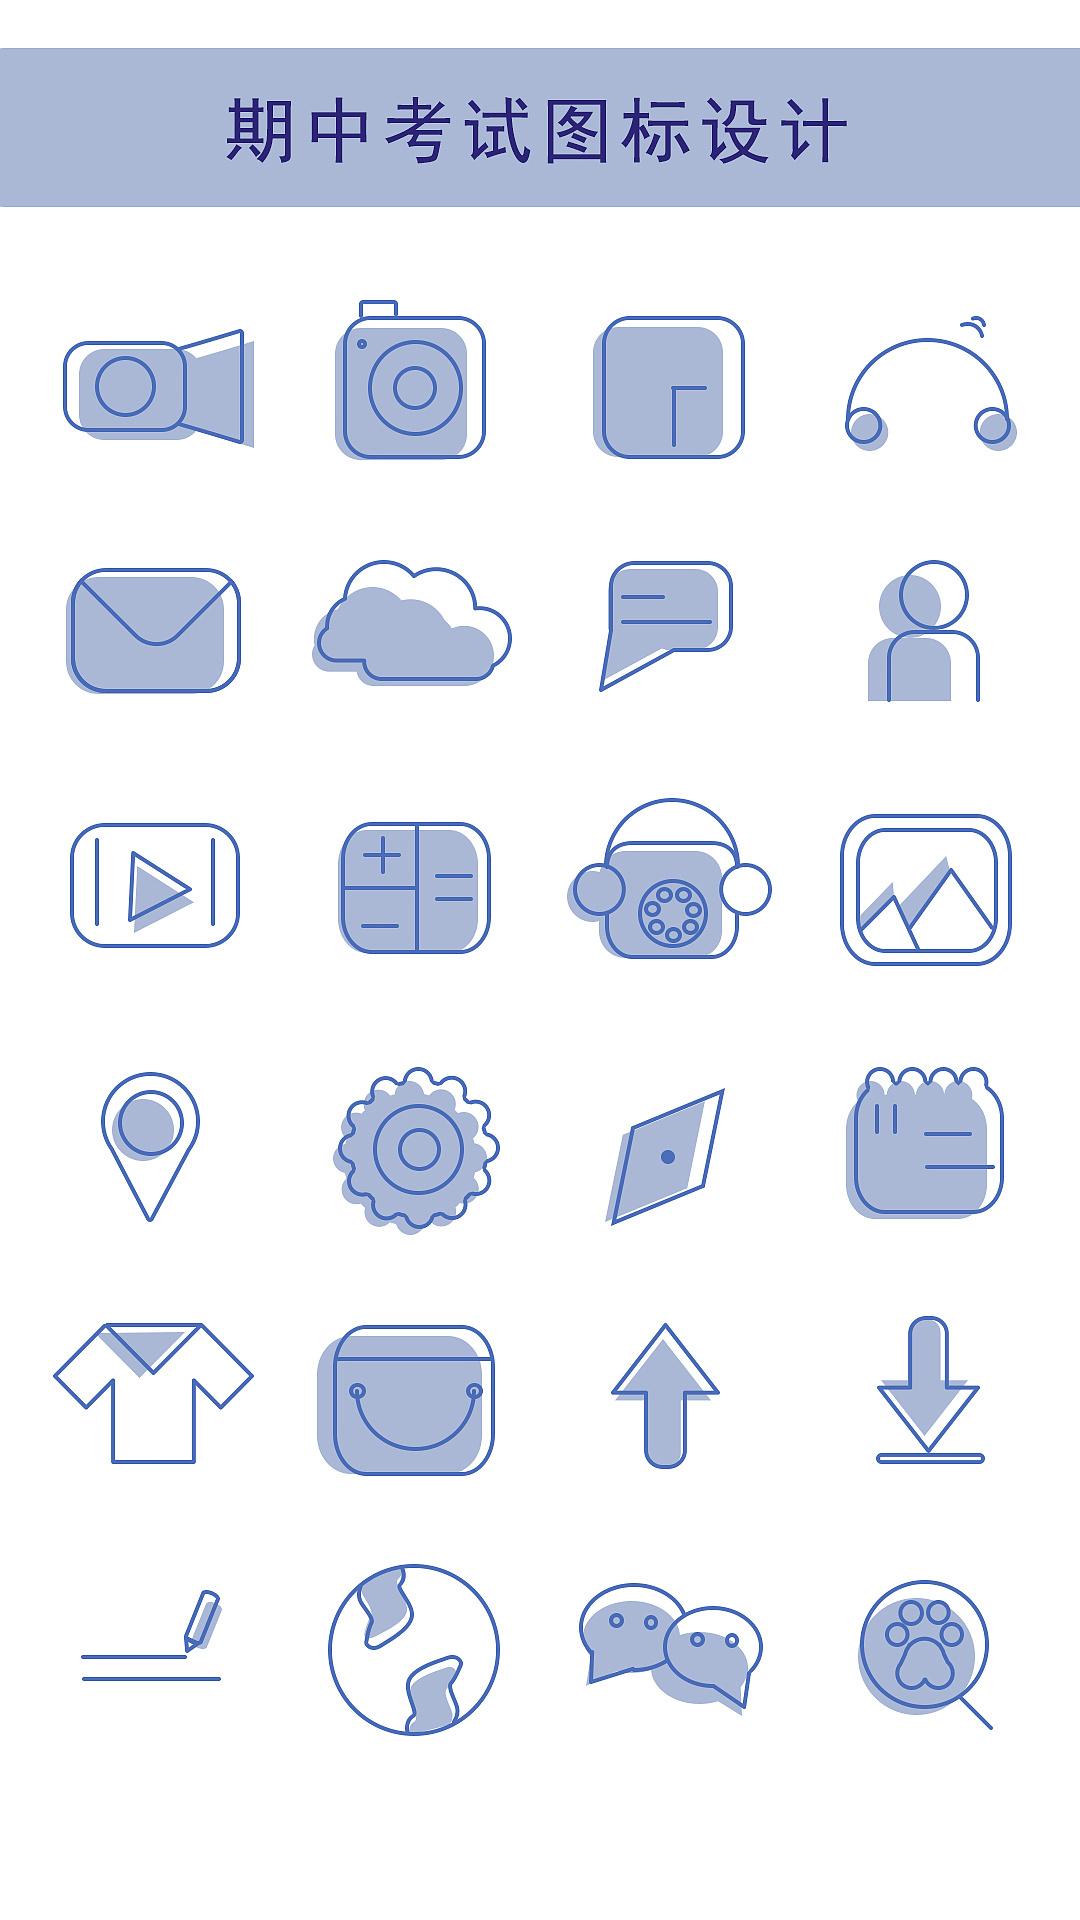 UI手机软件图标设计设计日语图片